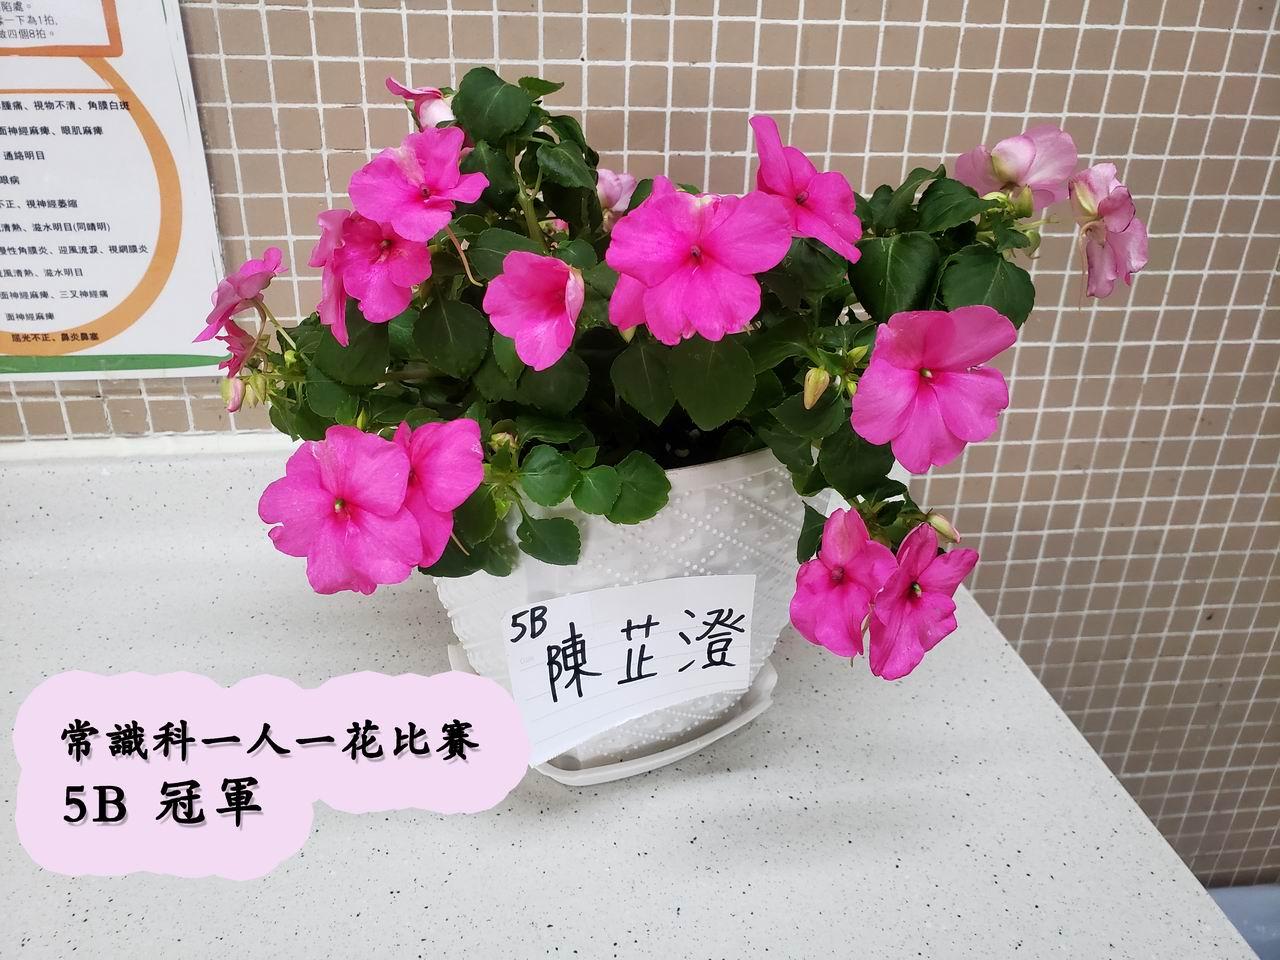 https://www.plkcjy.edu.hk/sites/default/files/diao_zheng_da_xiao_5b_guan_.jpg